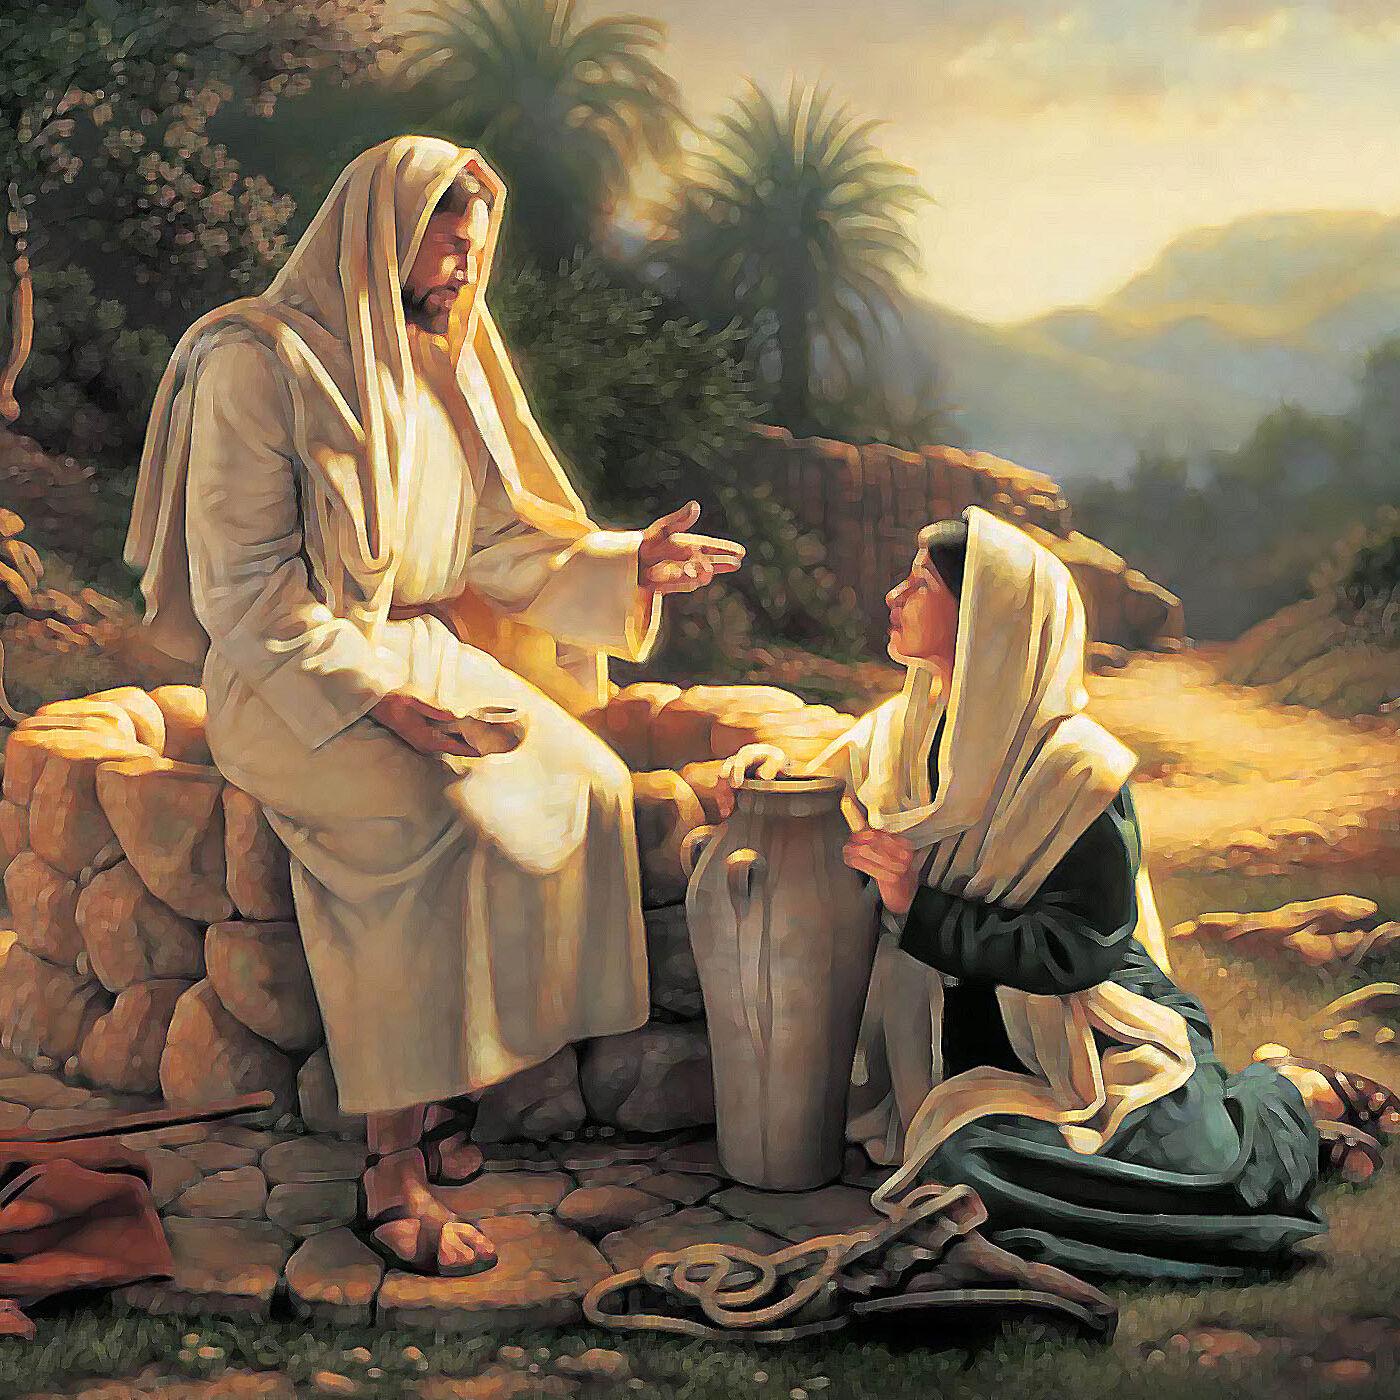 riflessioni sul Vangelo di Venerdì 26 Marzo 2021 (Gv 10, 31-42)